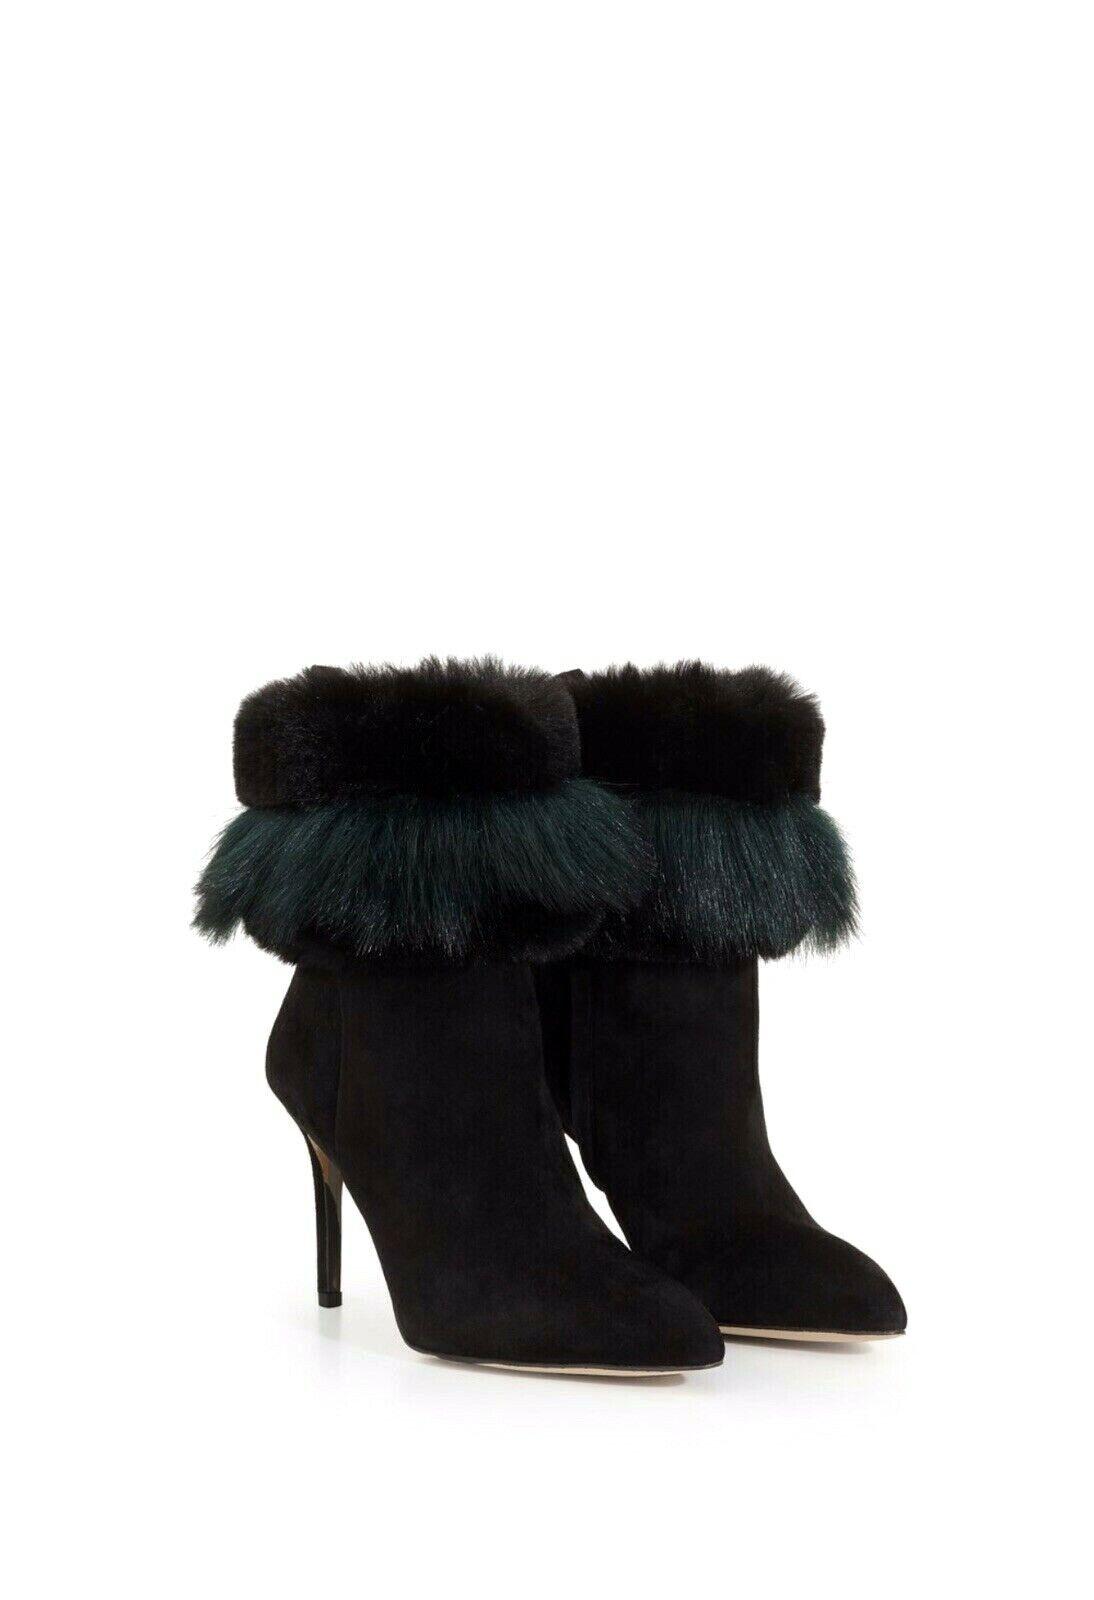 preferenziale Sam Edelman Oleana Fur Stiletto avvio nero nero nero Emerald Suede Side Zip Ankle avvioie 9  prezzi equi